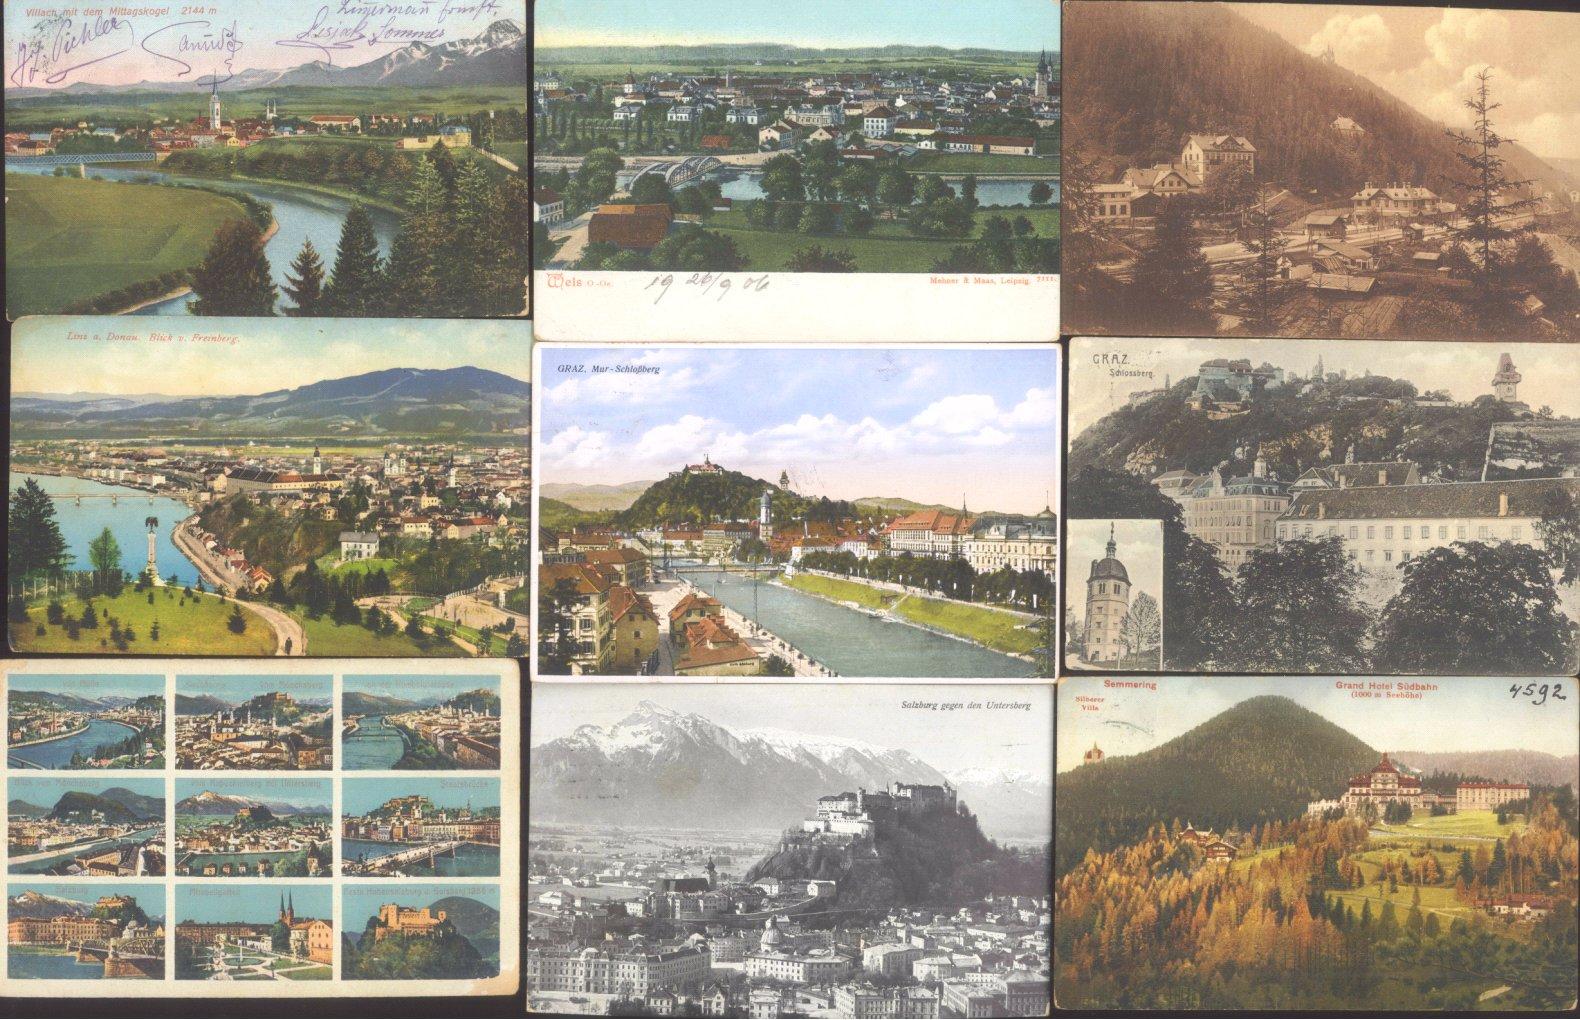 ÖSTERREICH Ansichtskarten Topographie 1902-1942-2